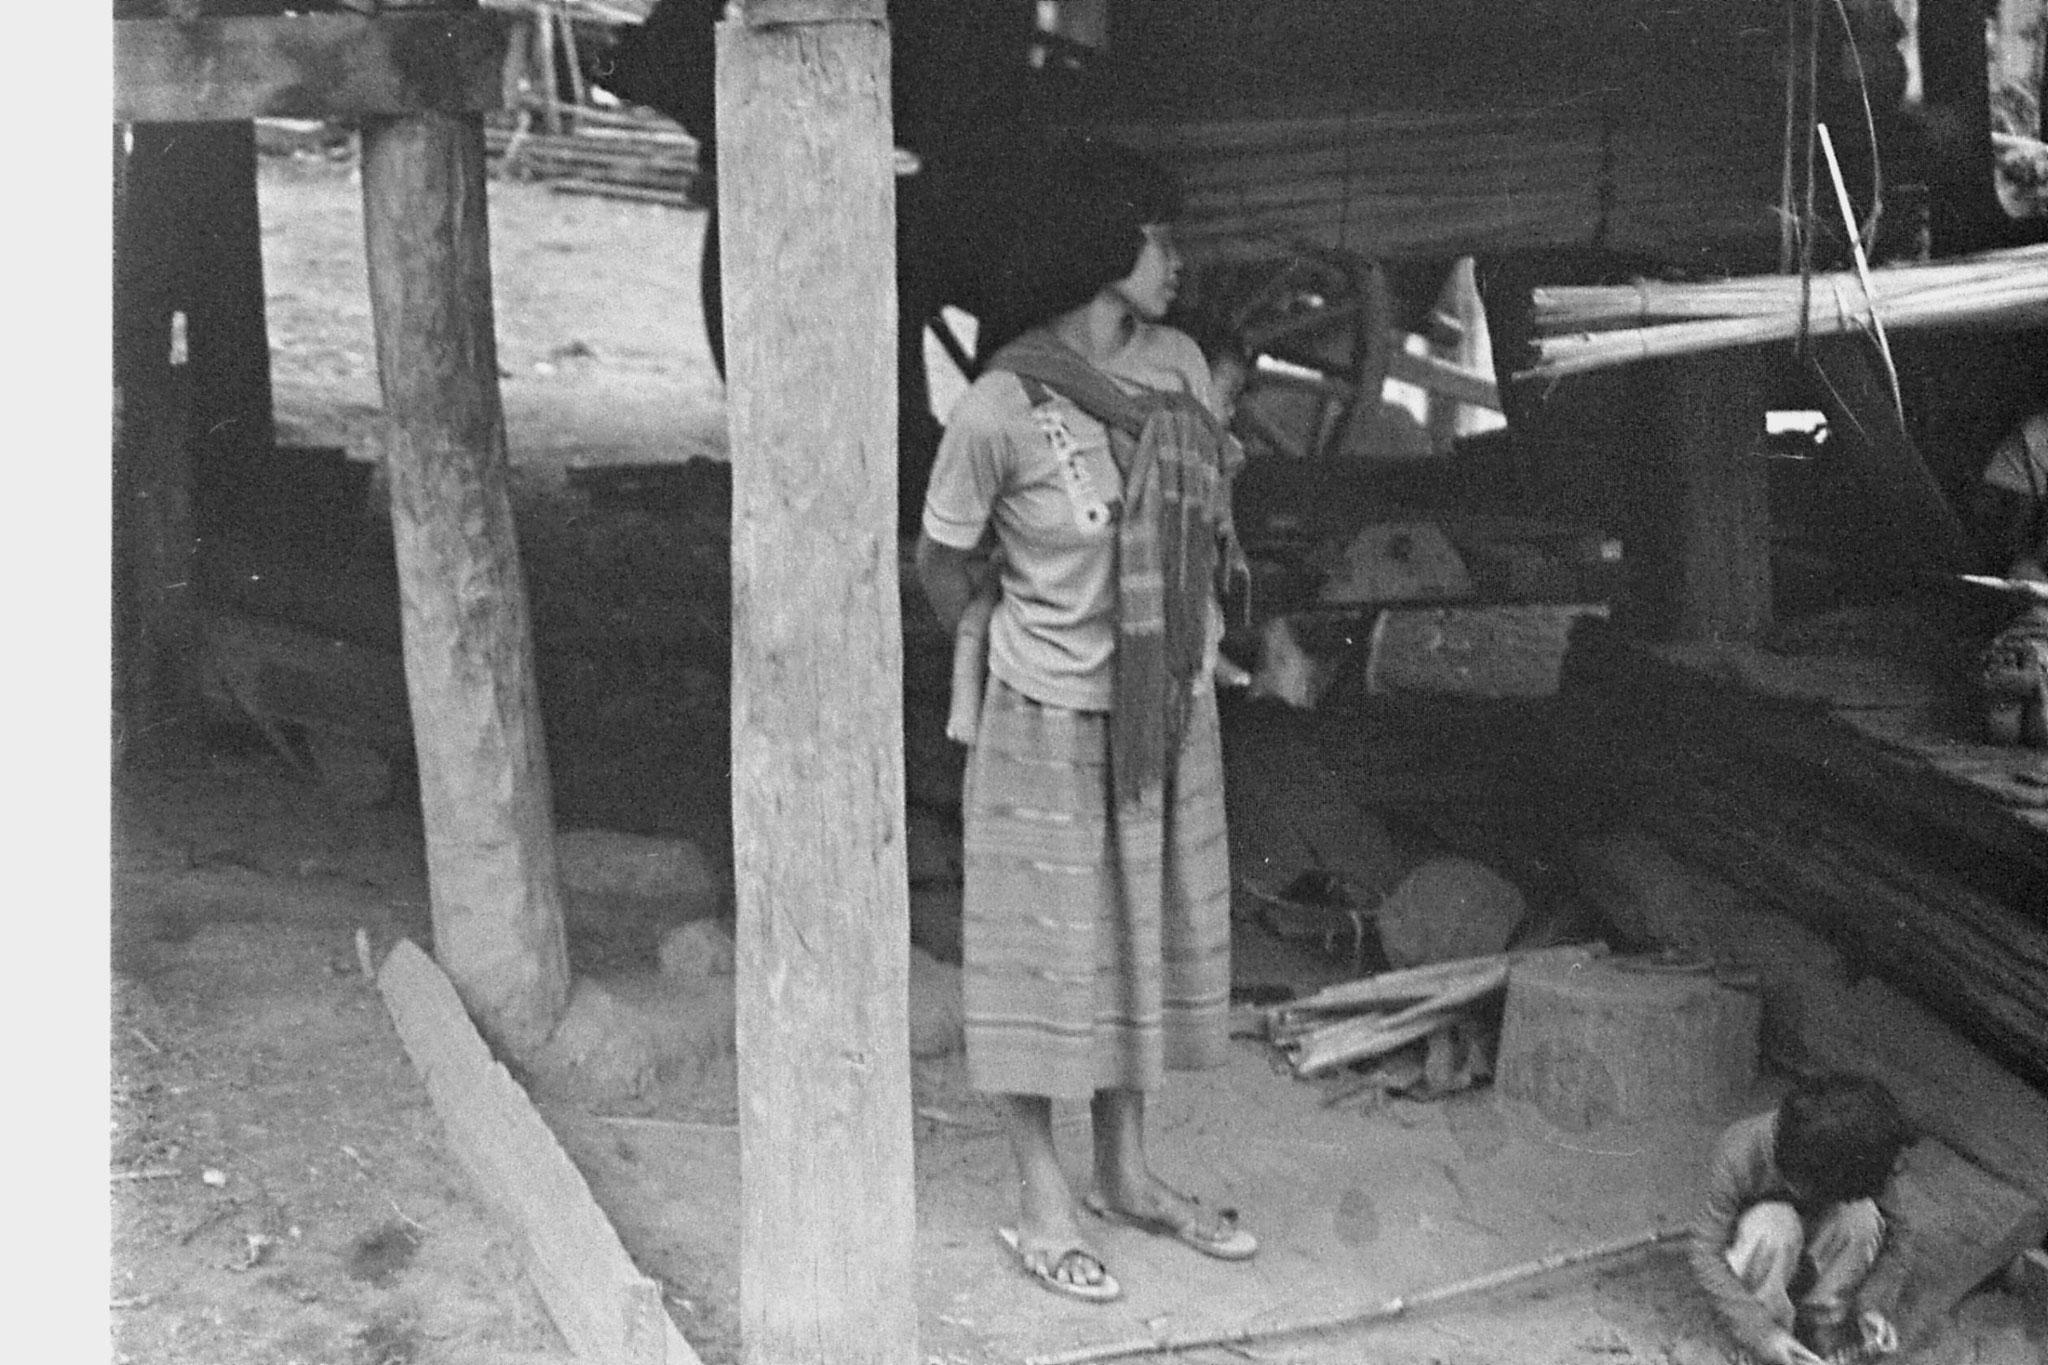 12/6/1990: 20: Hue Kom valley Koei village